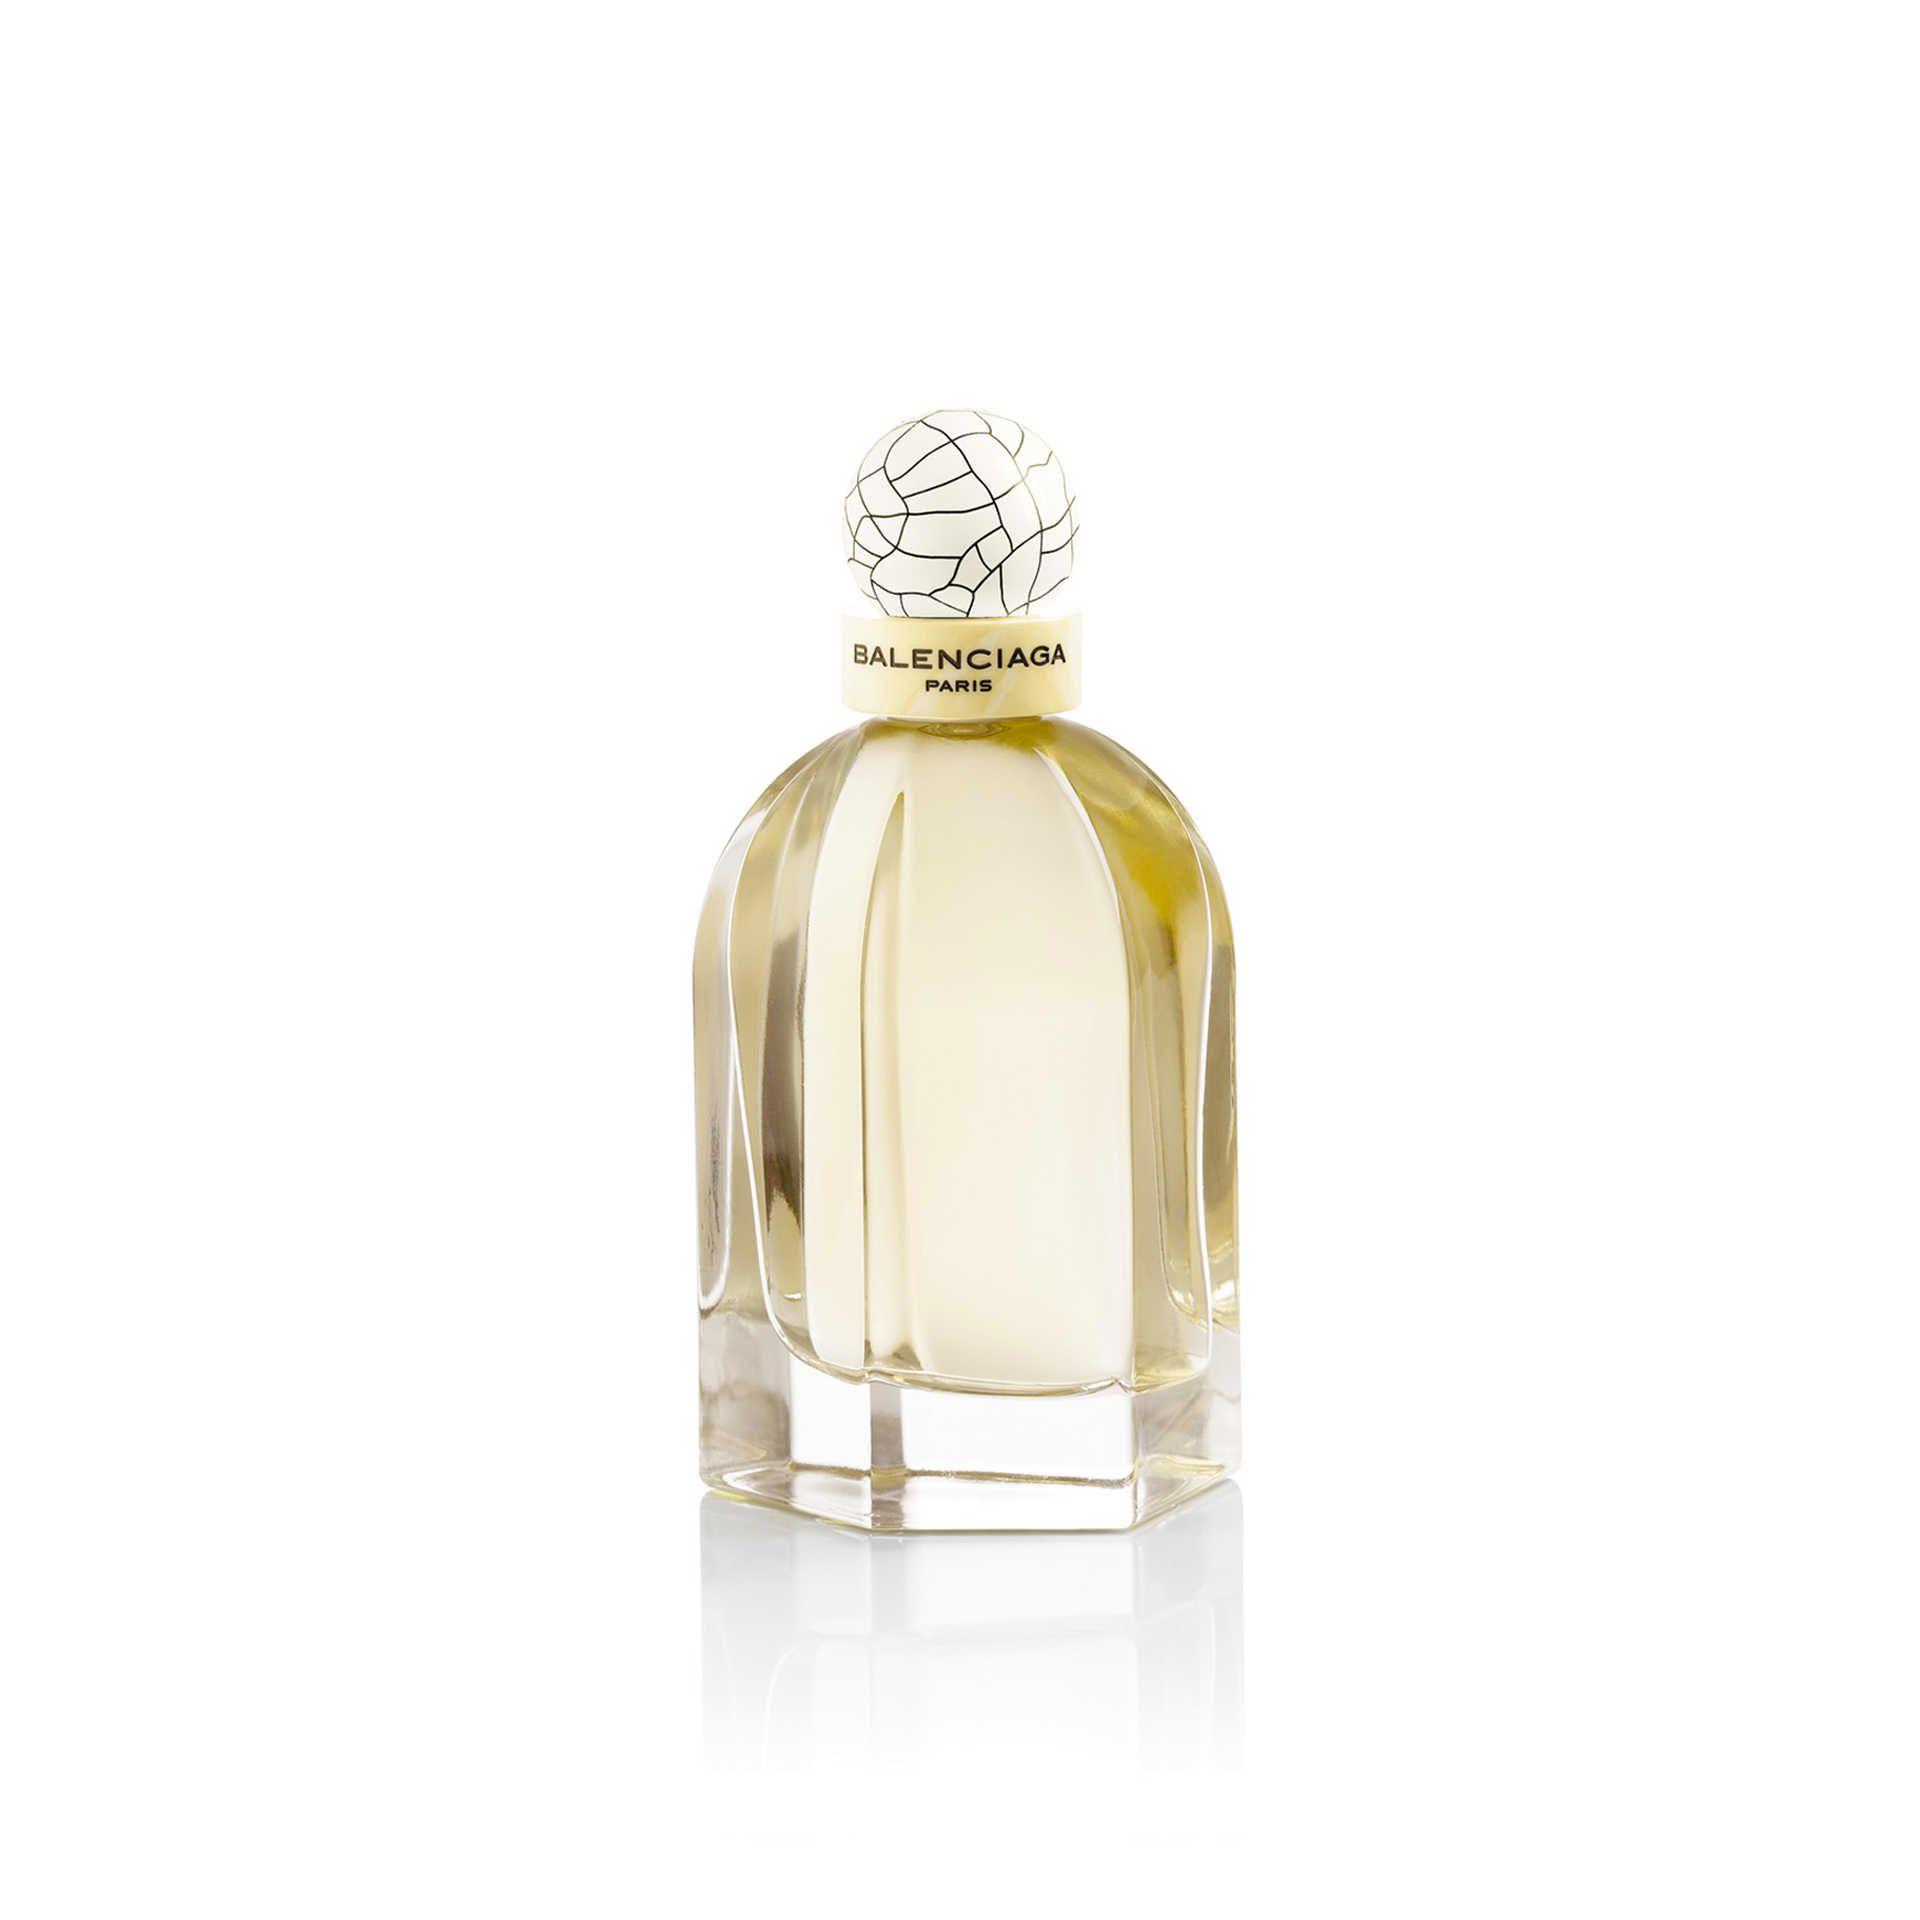 BALENCIAGA Balenciaga Paris Eau De Parfum 75Ml Balenciaga Paris Fragrance D f